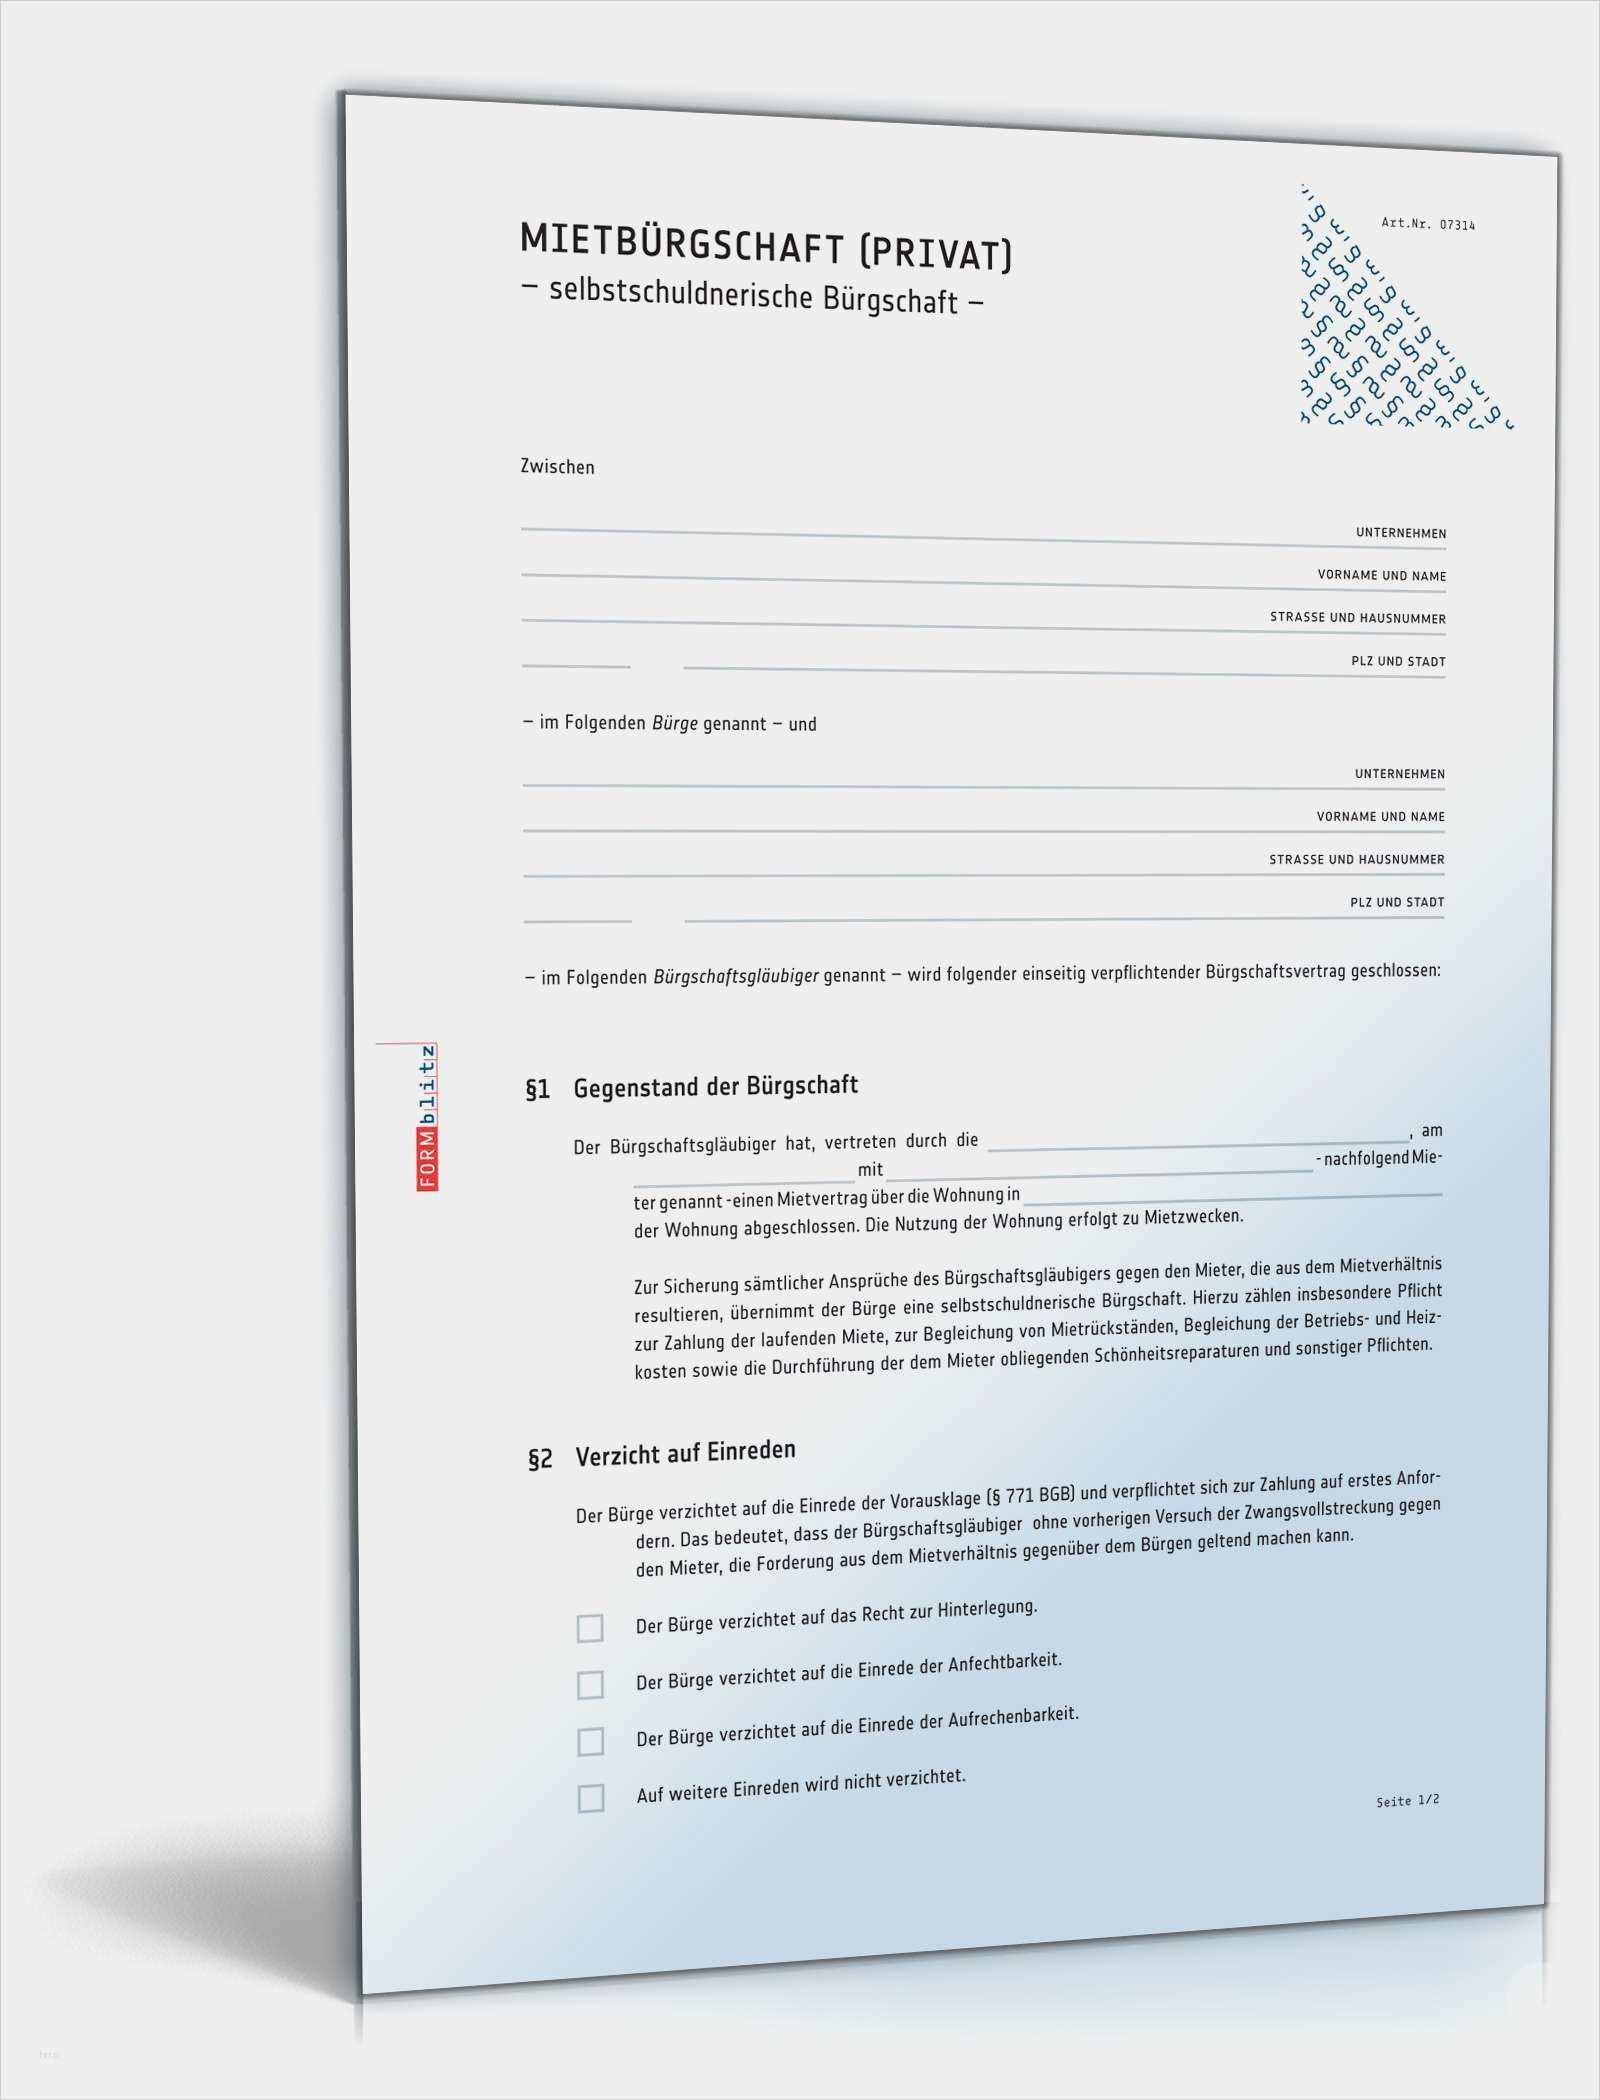 33 Erstaunlich Finanzielle Burgschaft Vorlage Bilder In 2020 Vorlagen Vorlagen Word Aufhebung